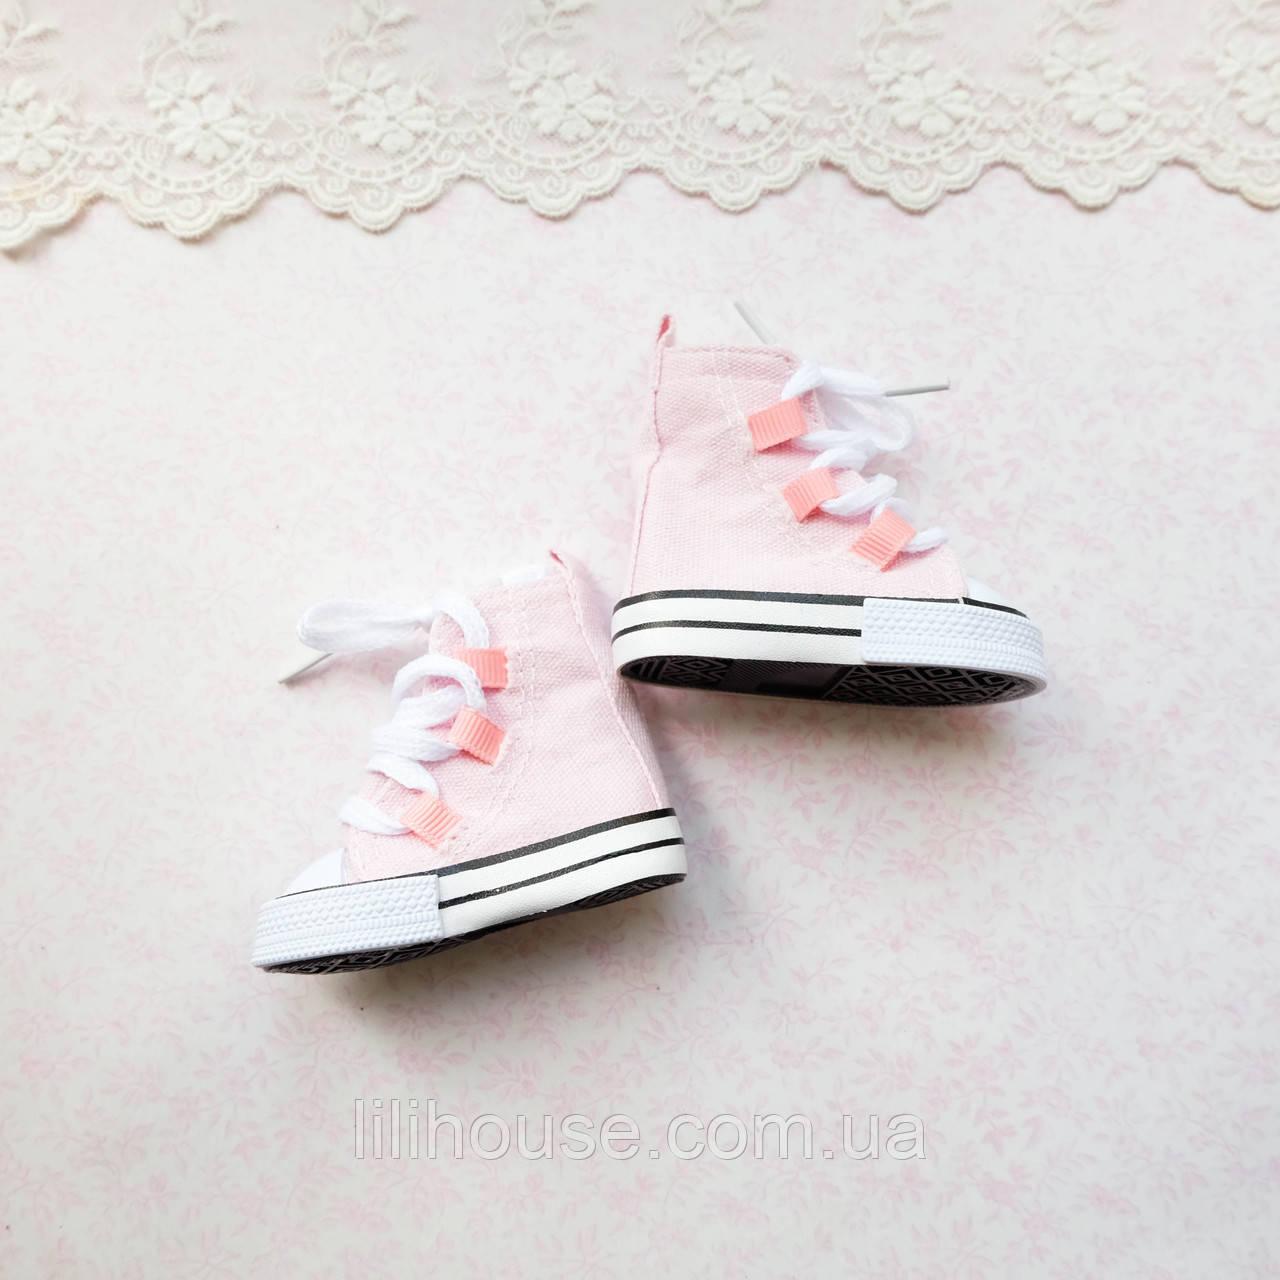 Обувь для кукол, кеды высокие на шнуровке розовые - 7*3 см